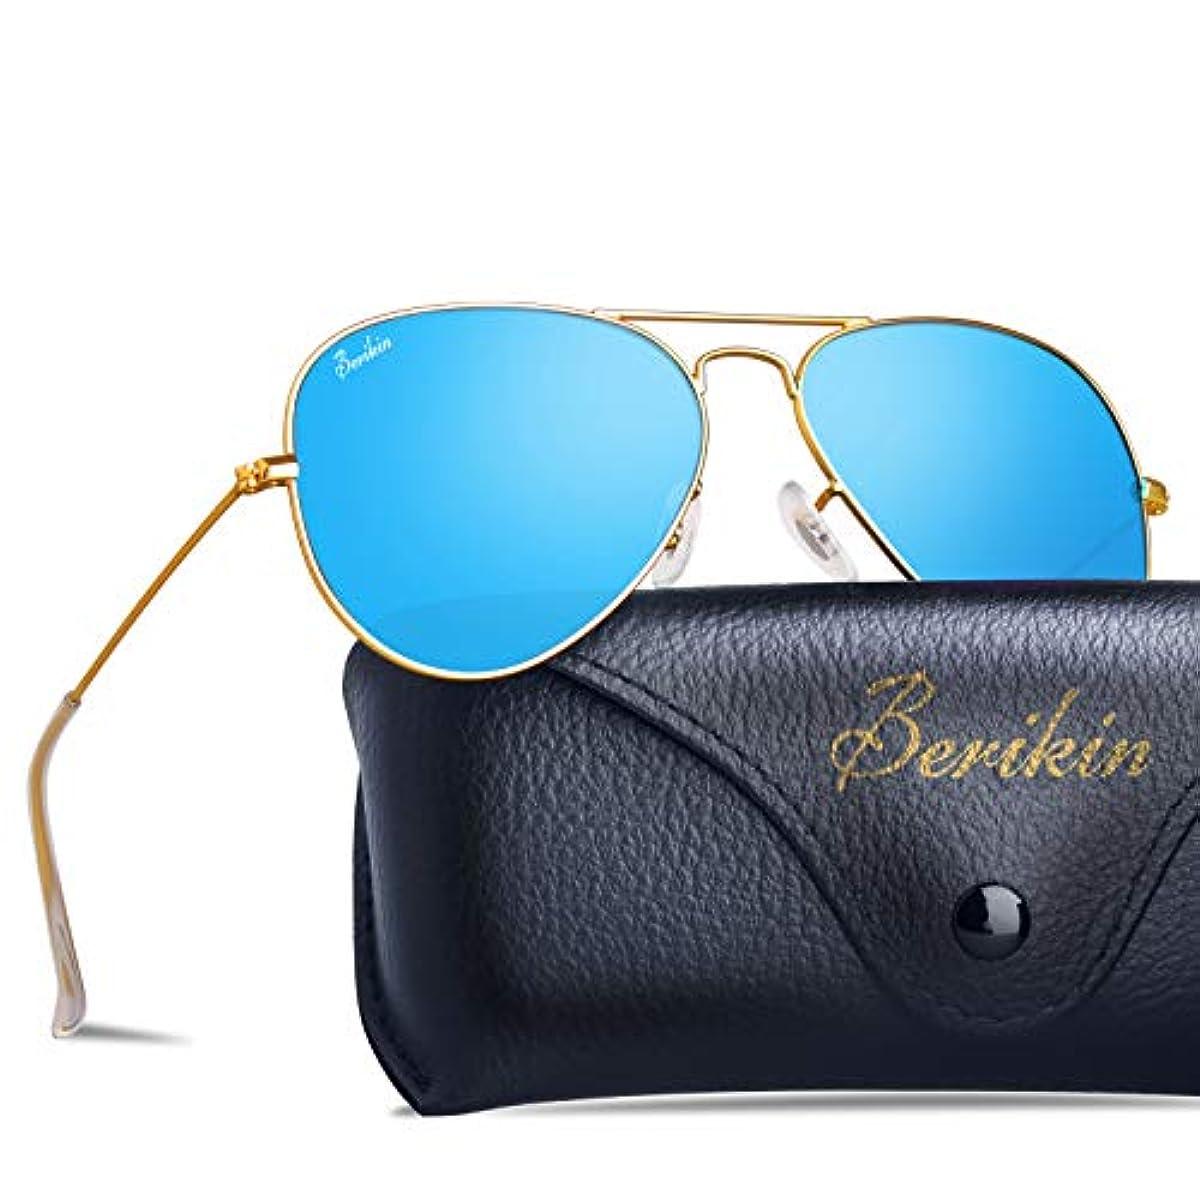 [해외] BERIKIN 썬글라스 고품질 유리 아비에퍼터 T 아드로푸 맨즈 레이디스 UV400 UV컷 SUNGLASS FOR MEN WOMEN 미러 컬러 렌즈